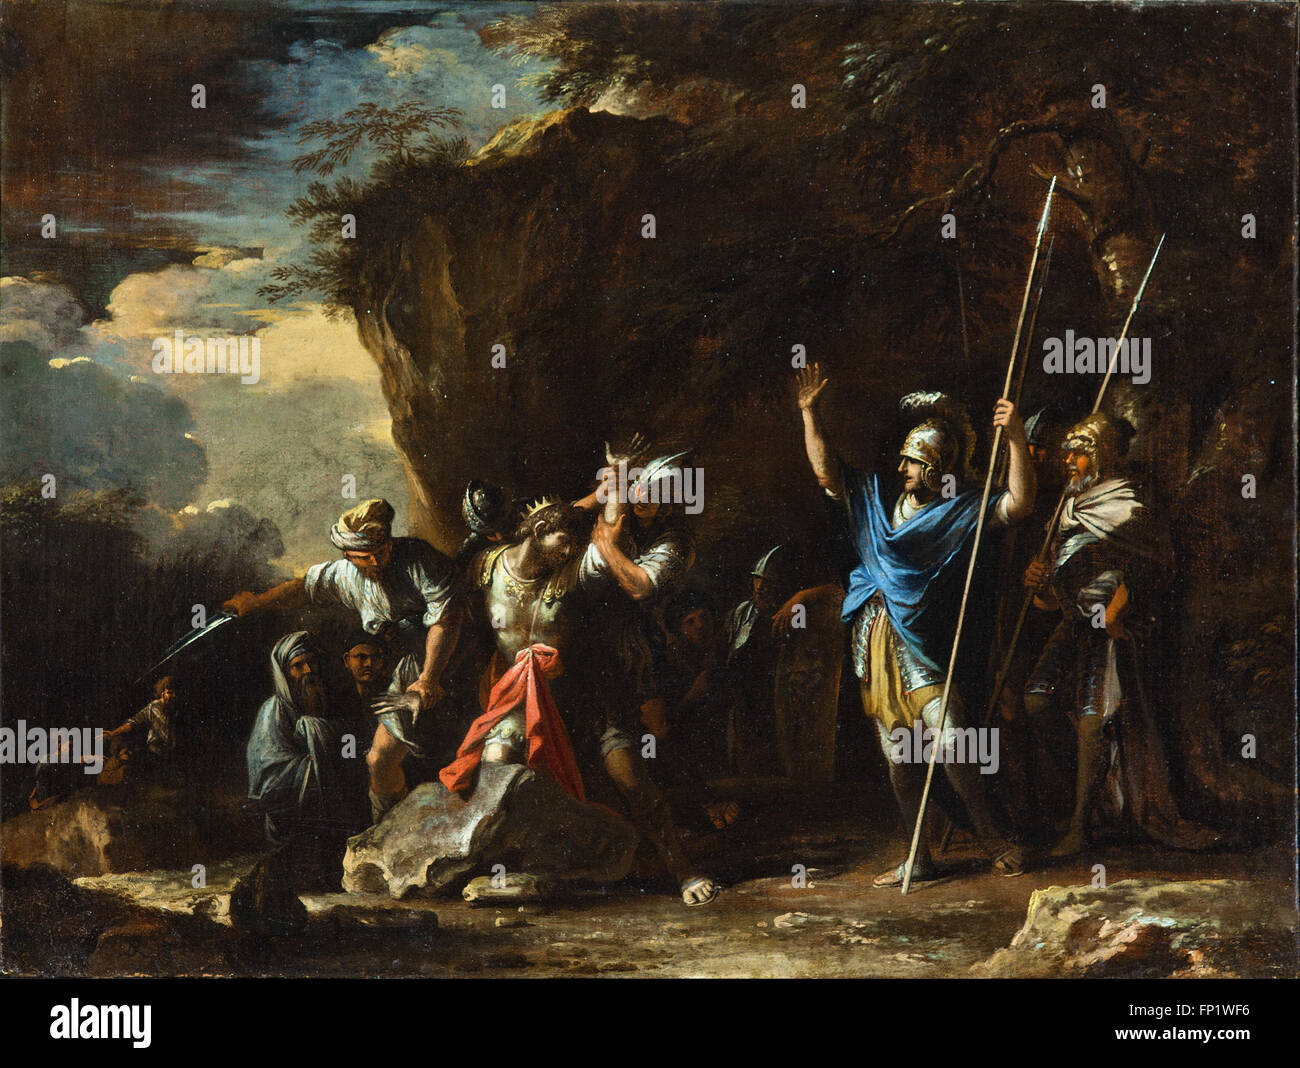 Salvator Rosa - Escena de la historia griega- los sordomudos hijo del rey Creso Imagen De Stock